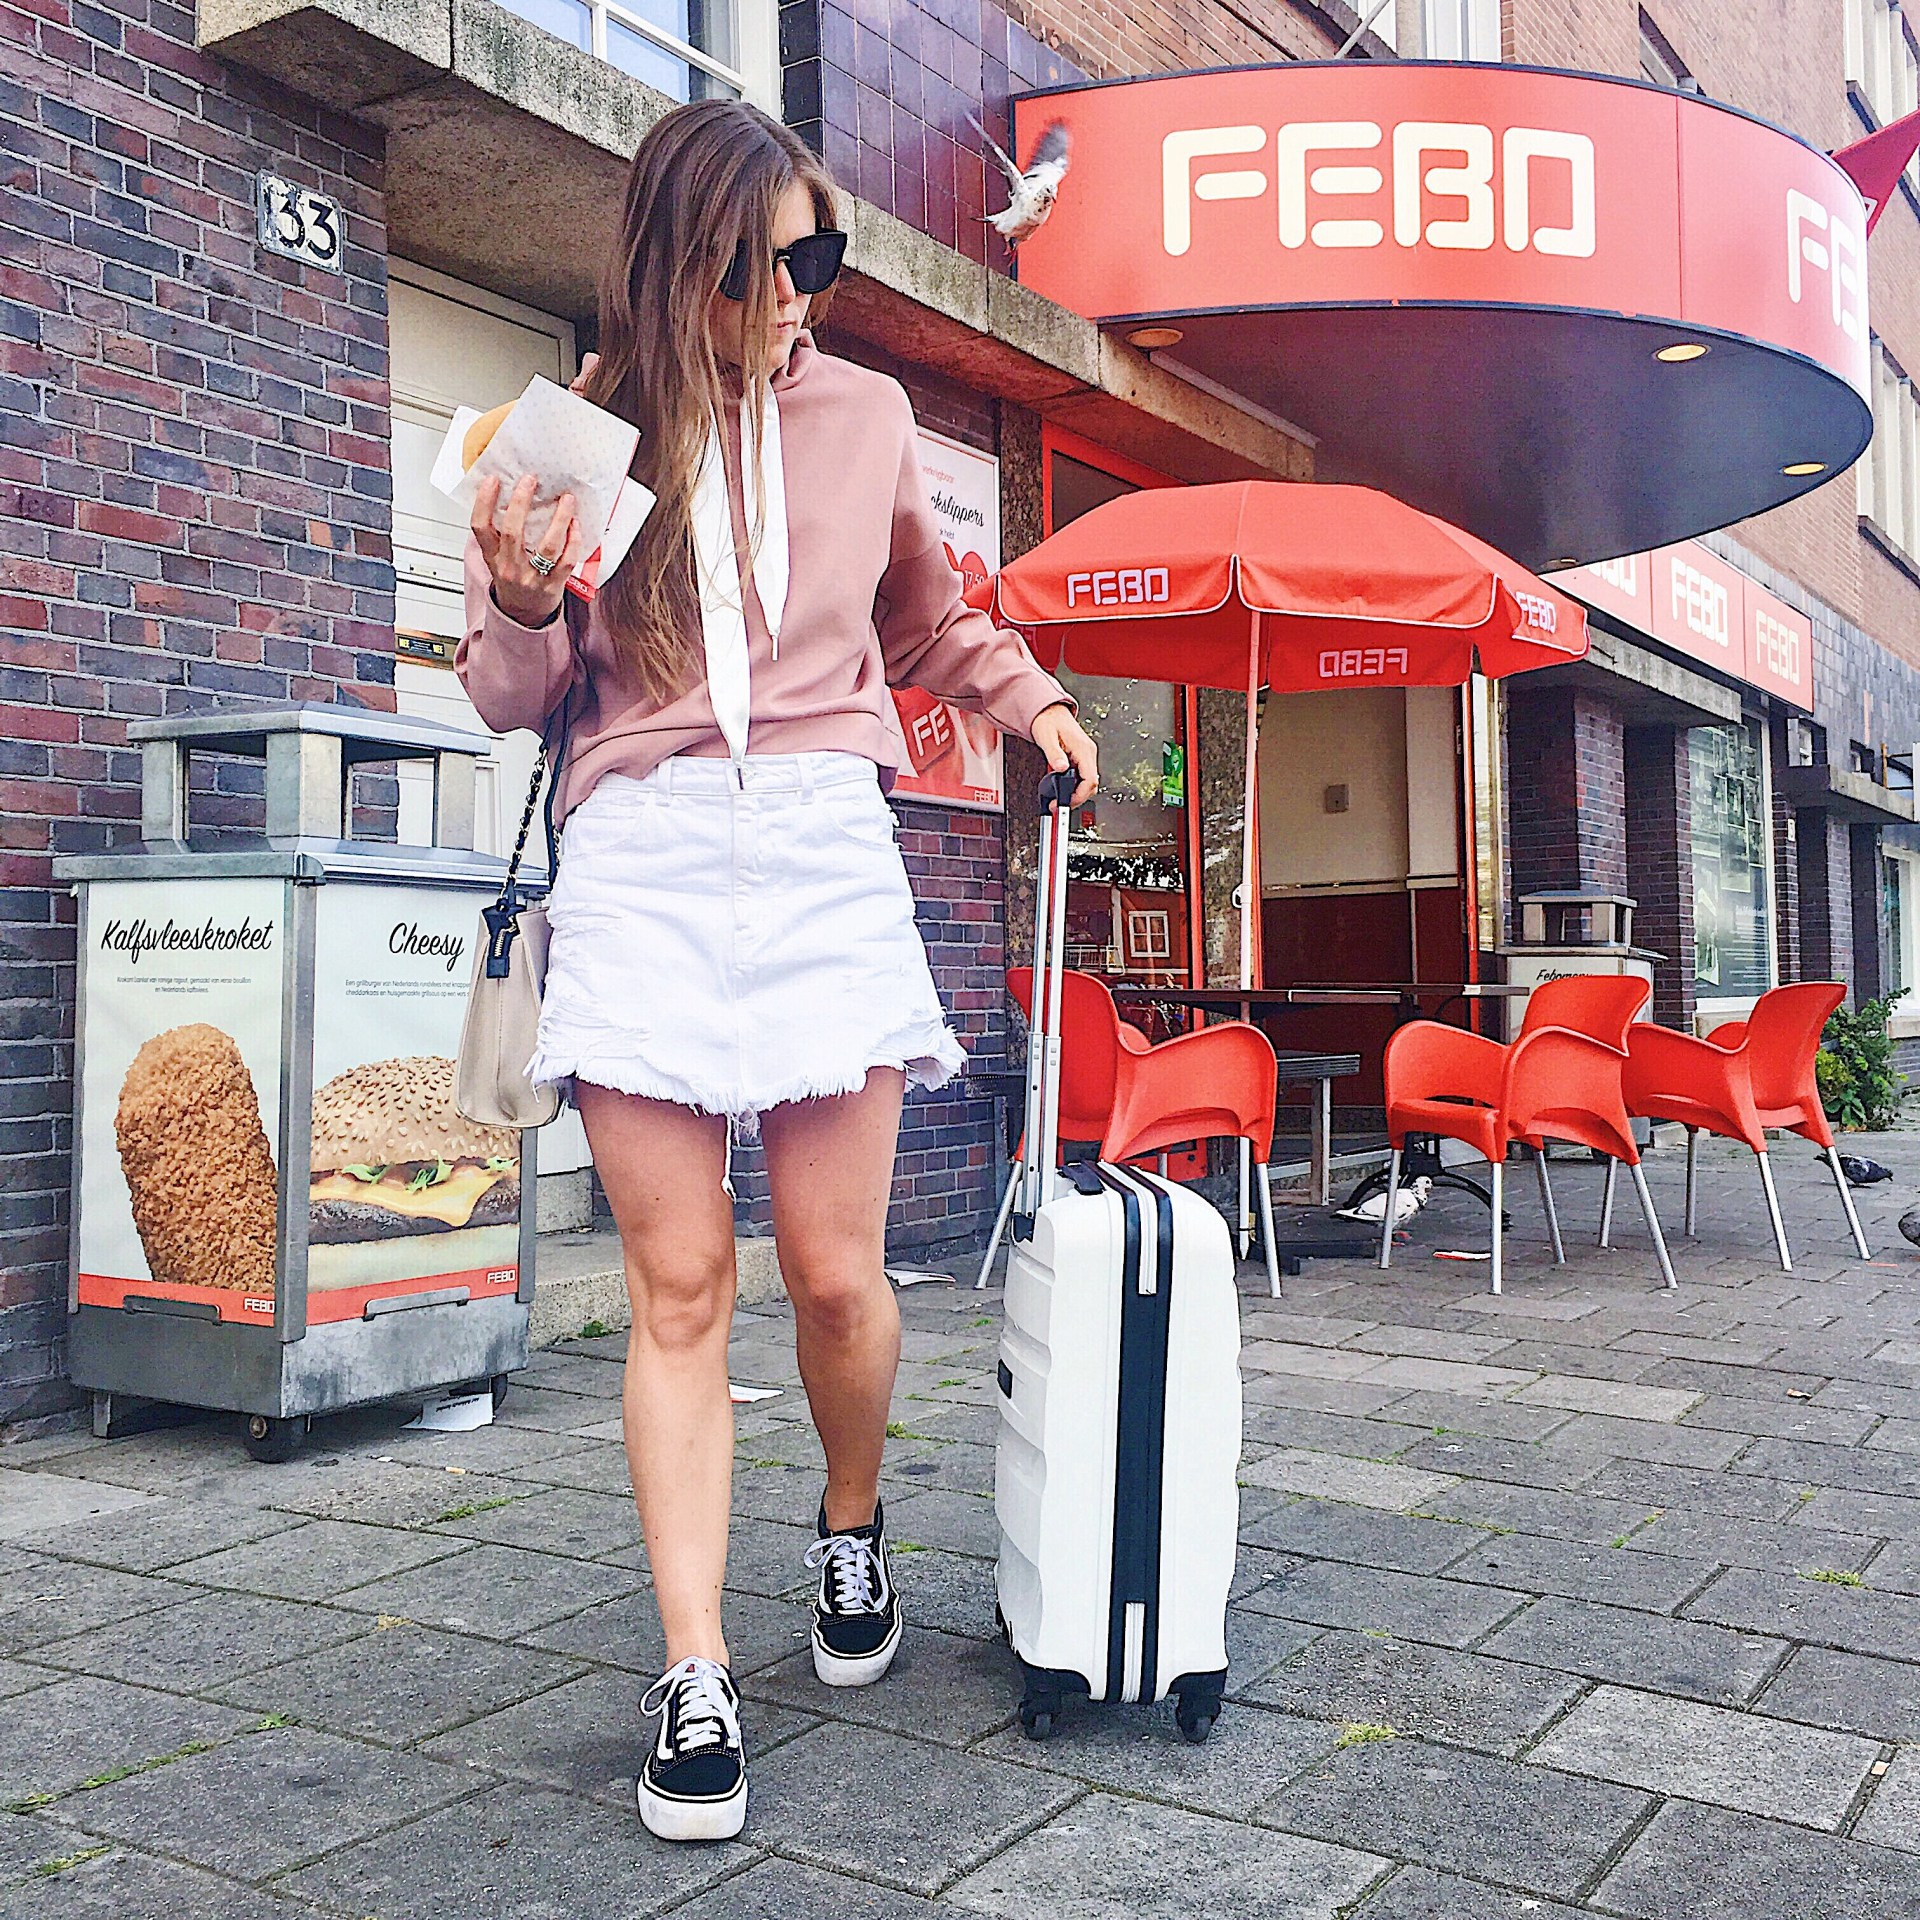 fastfoodrestaurant